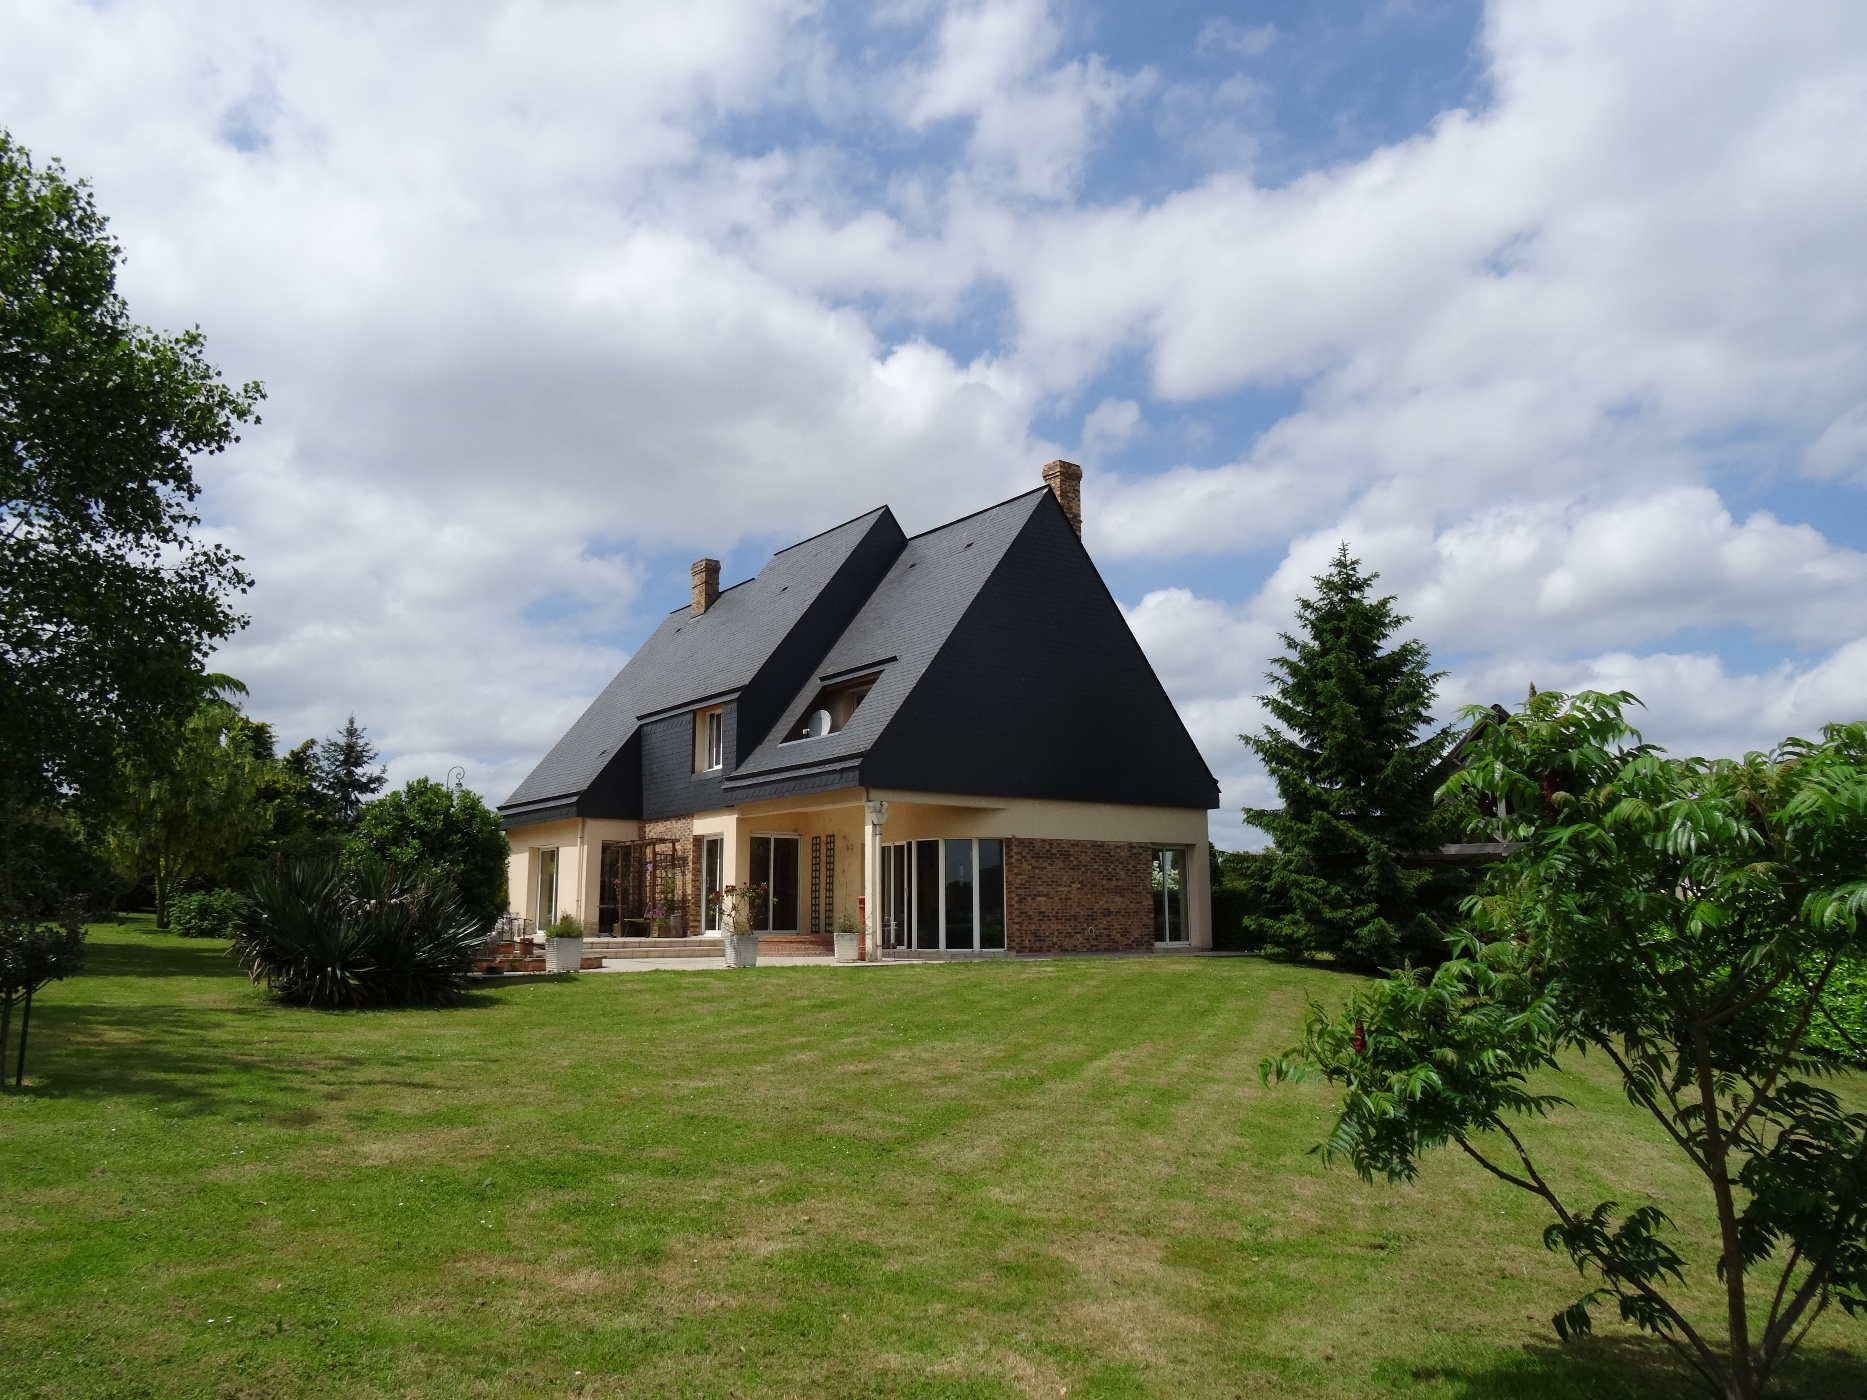 Acheter une maison a plusieurs photos de conception de for Acheter maison en floride